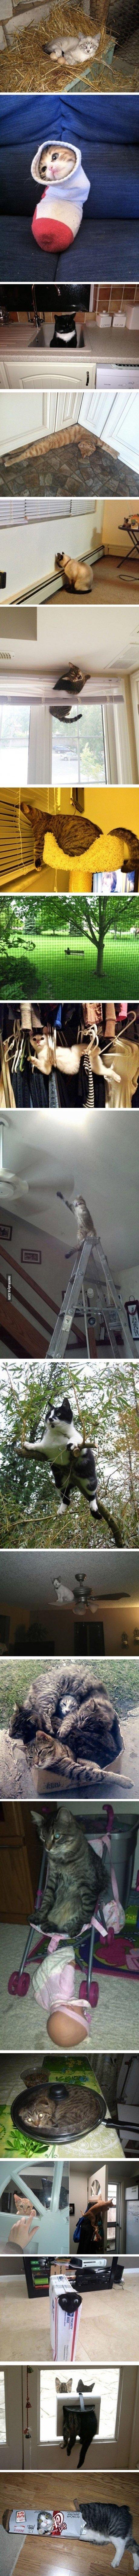 cats are weird sometimes. .. i aint got no legs boy cats are weird sometimes i aint got no legs boy